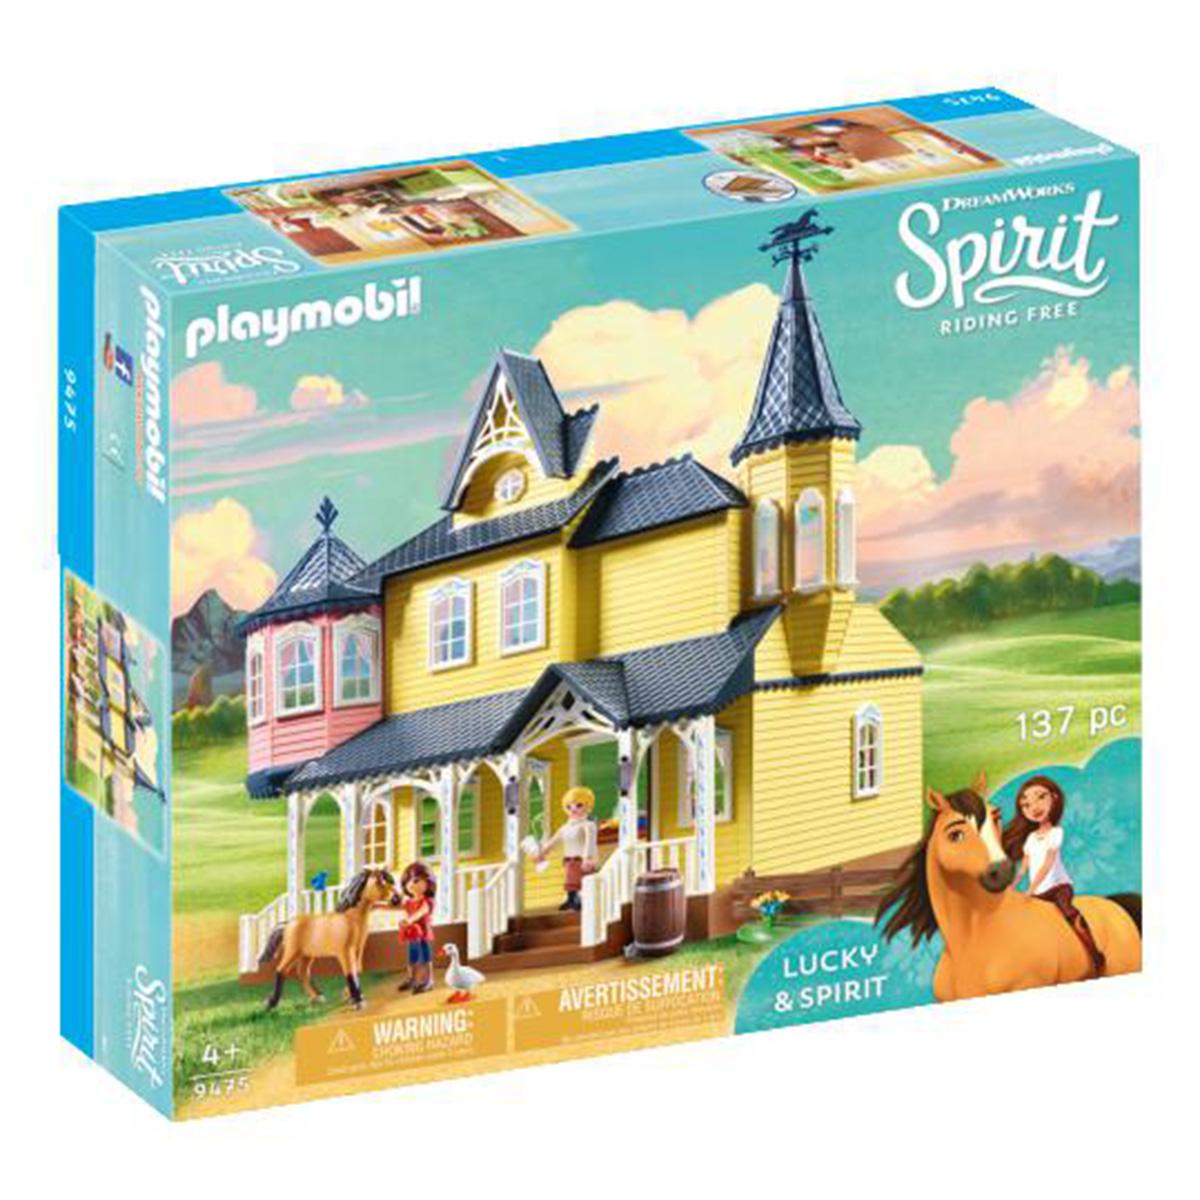 Billede af Playmobil Luckys lykkelige hjem